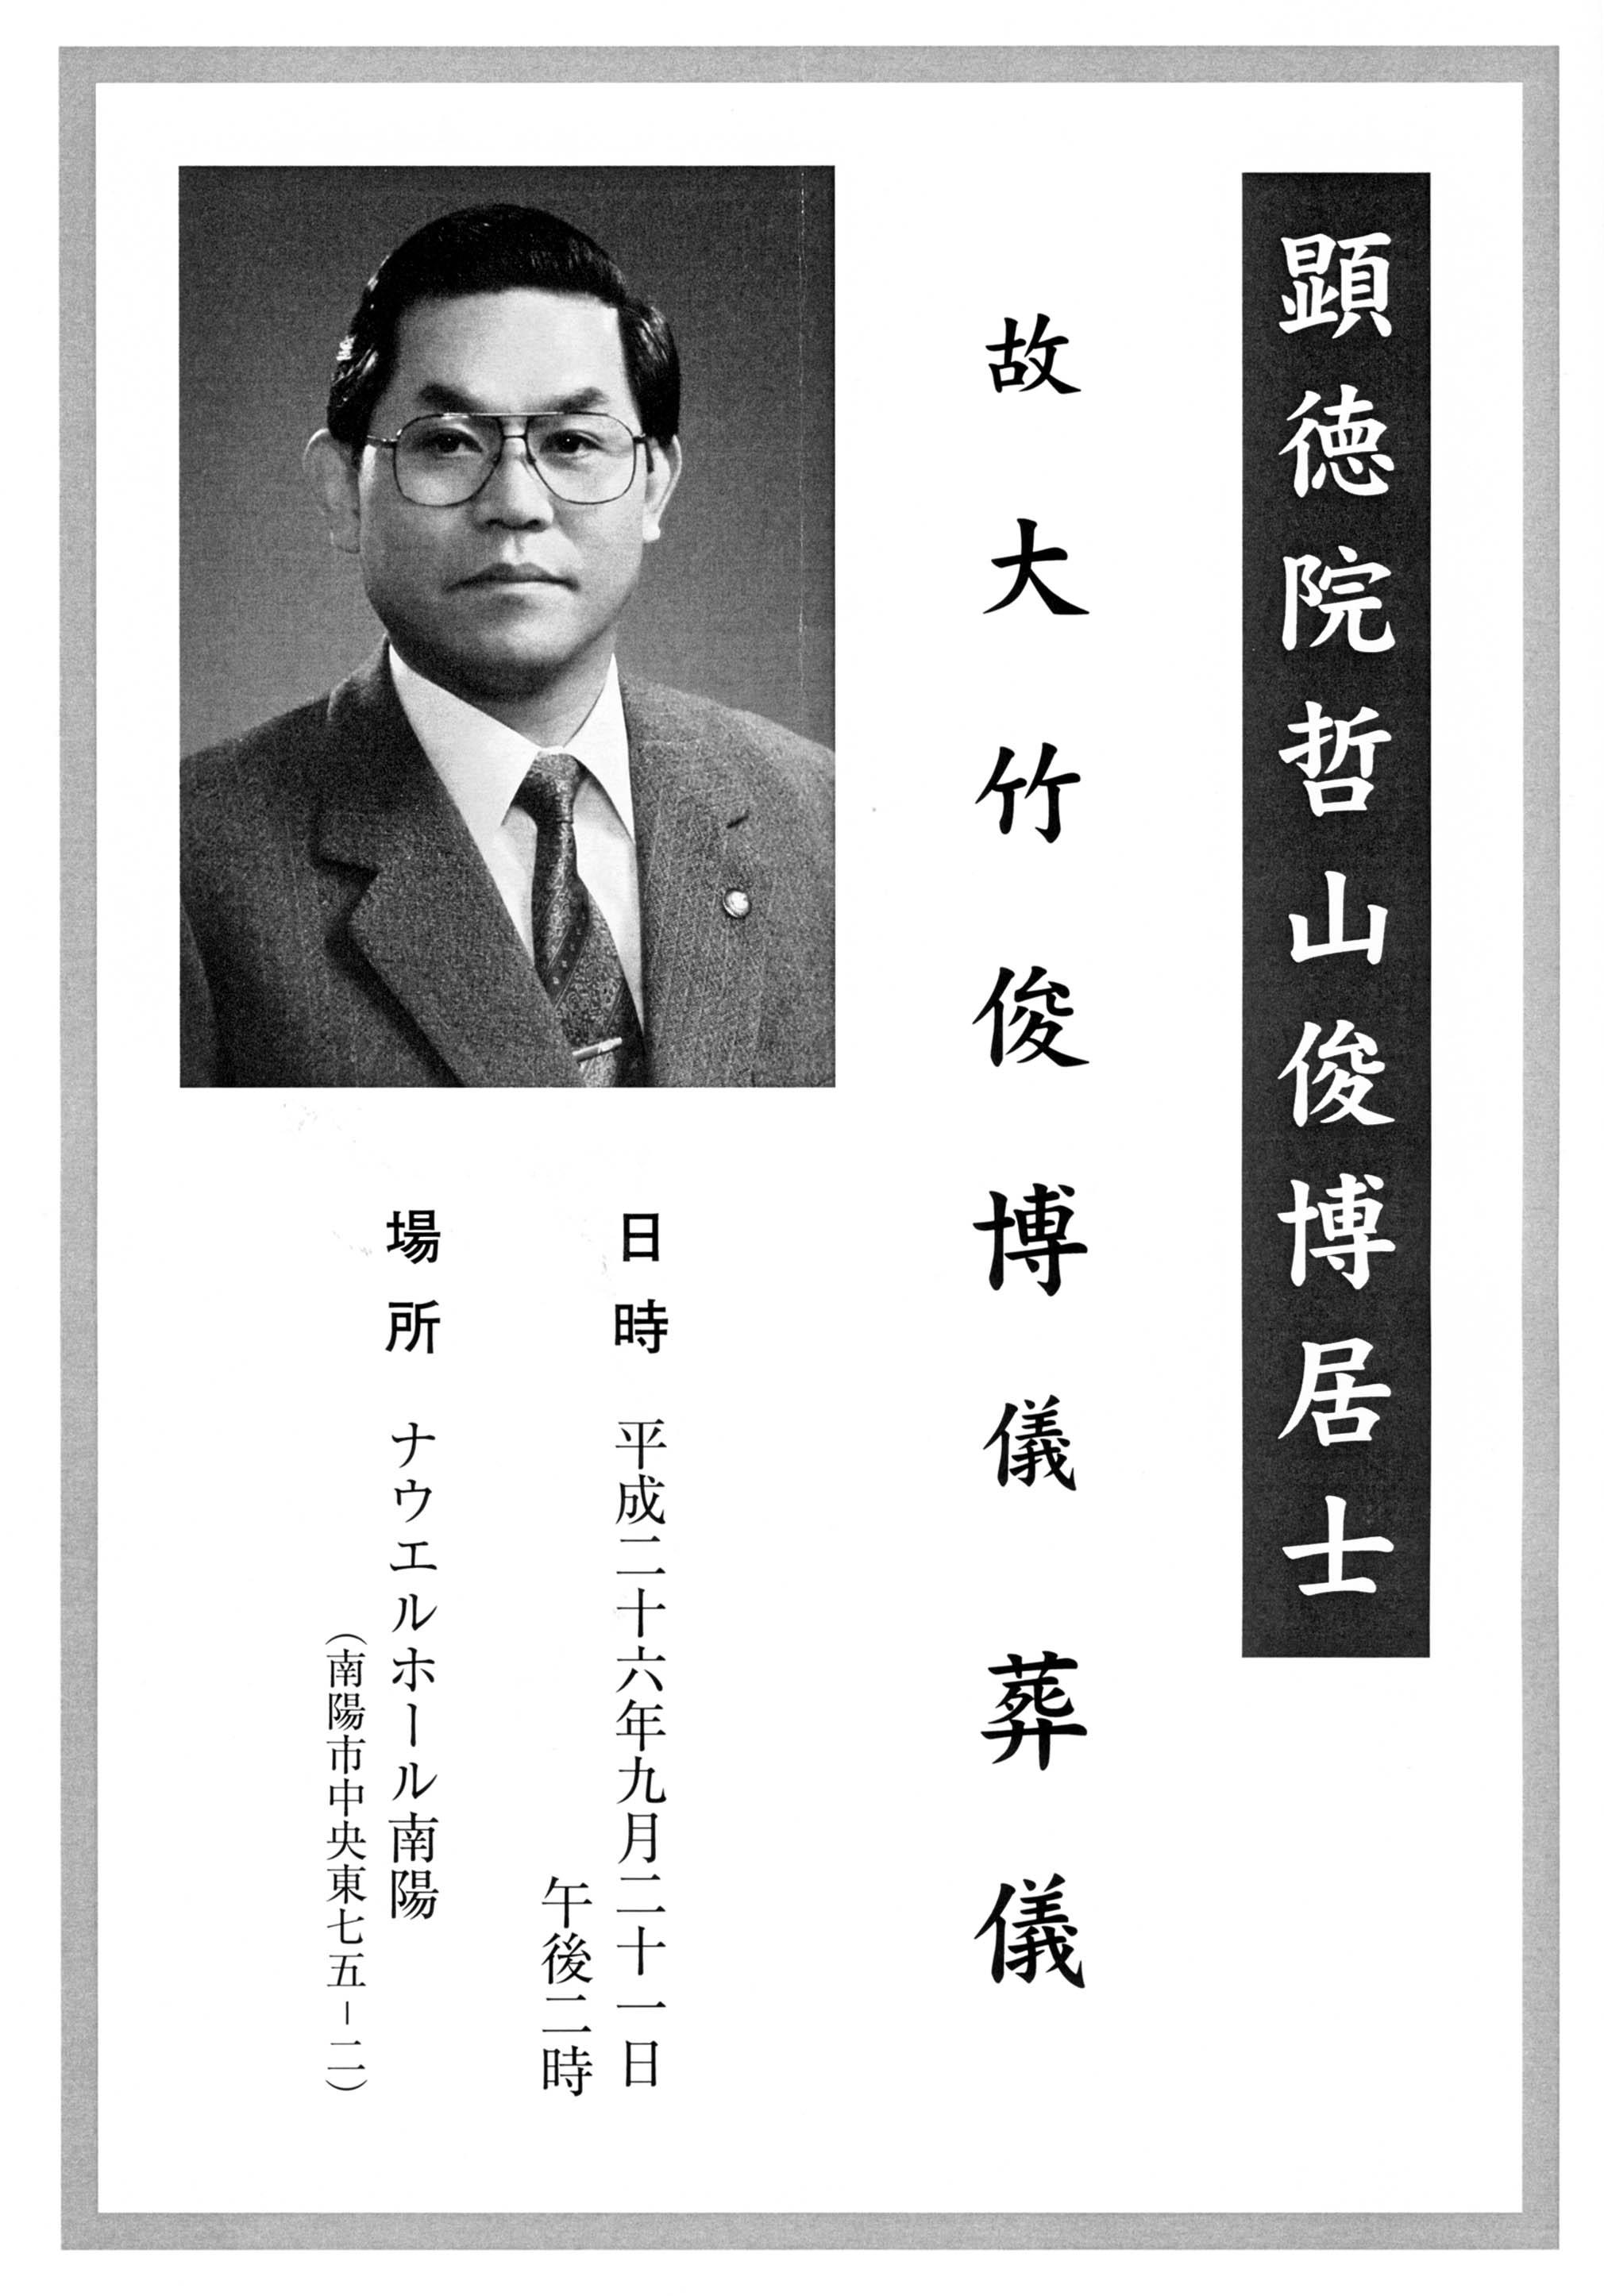 故大竹俊博元南陽市長の葬儀に参...